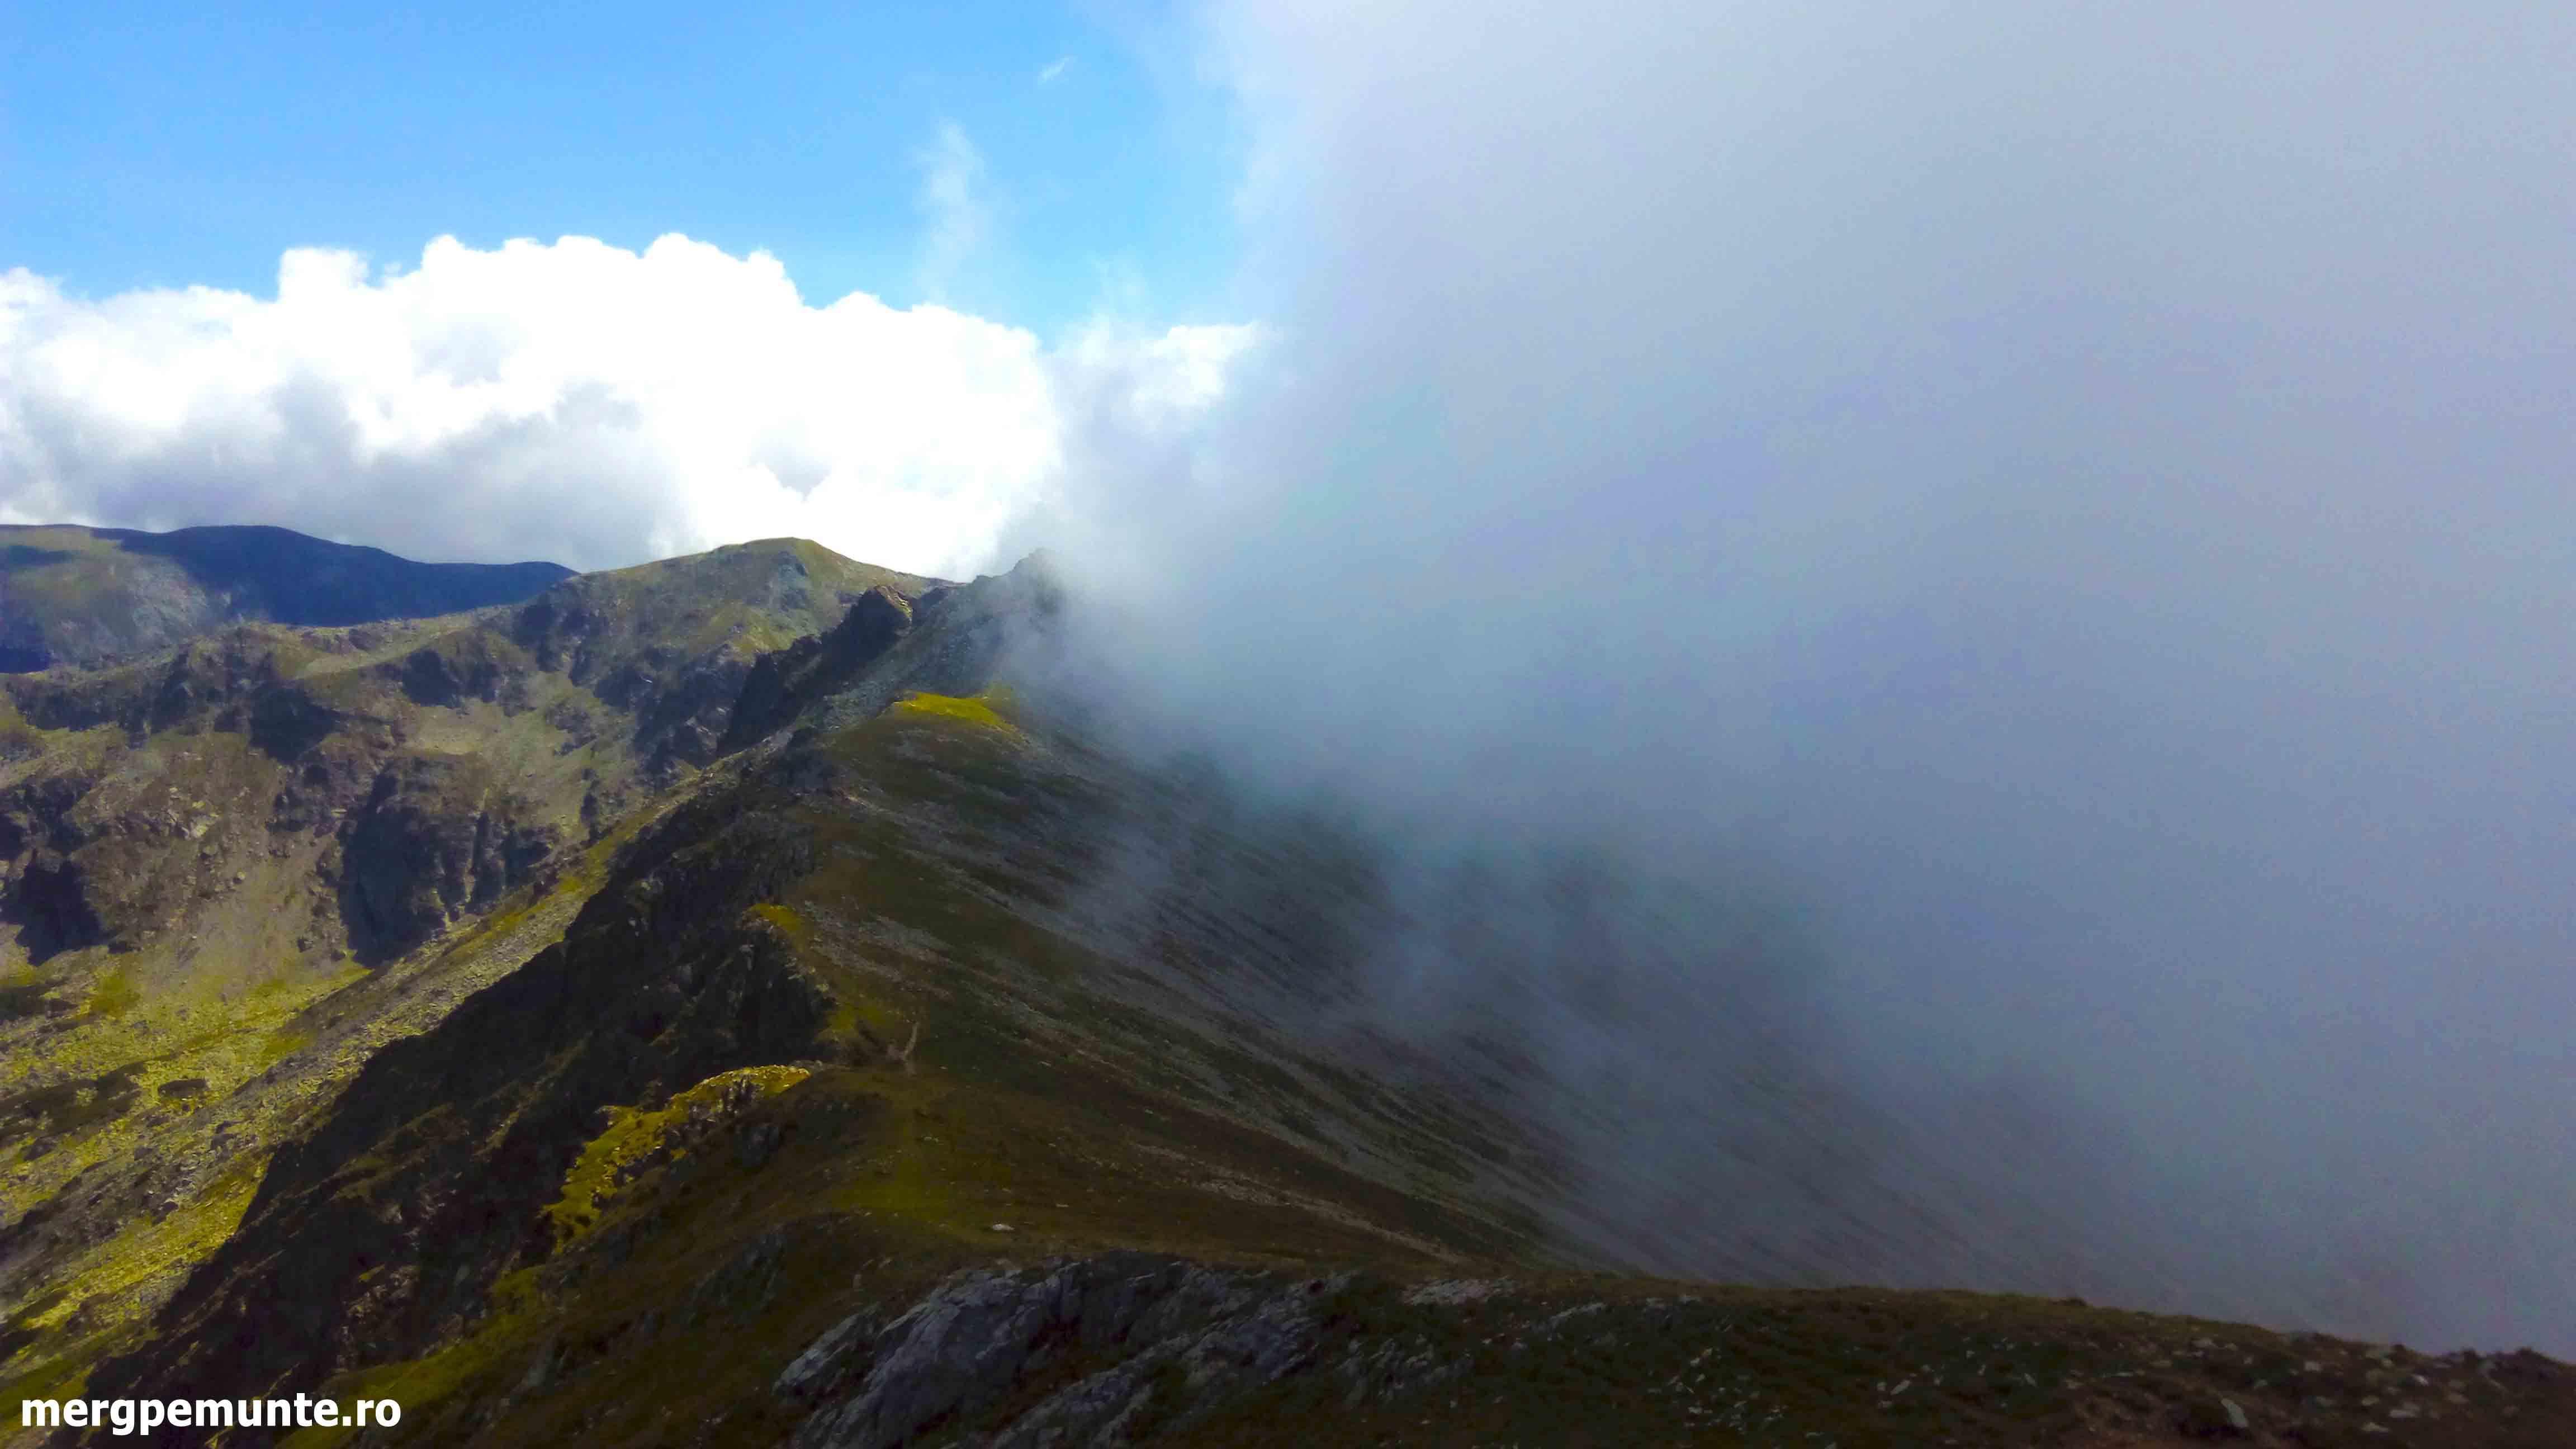 Varful Parangul Mare in nori